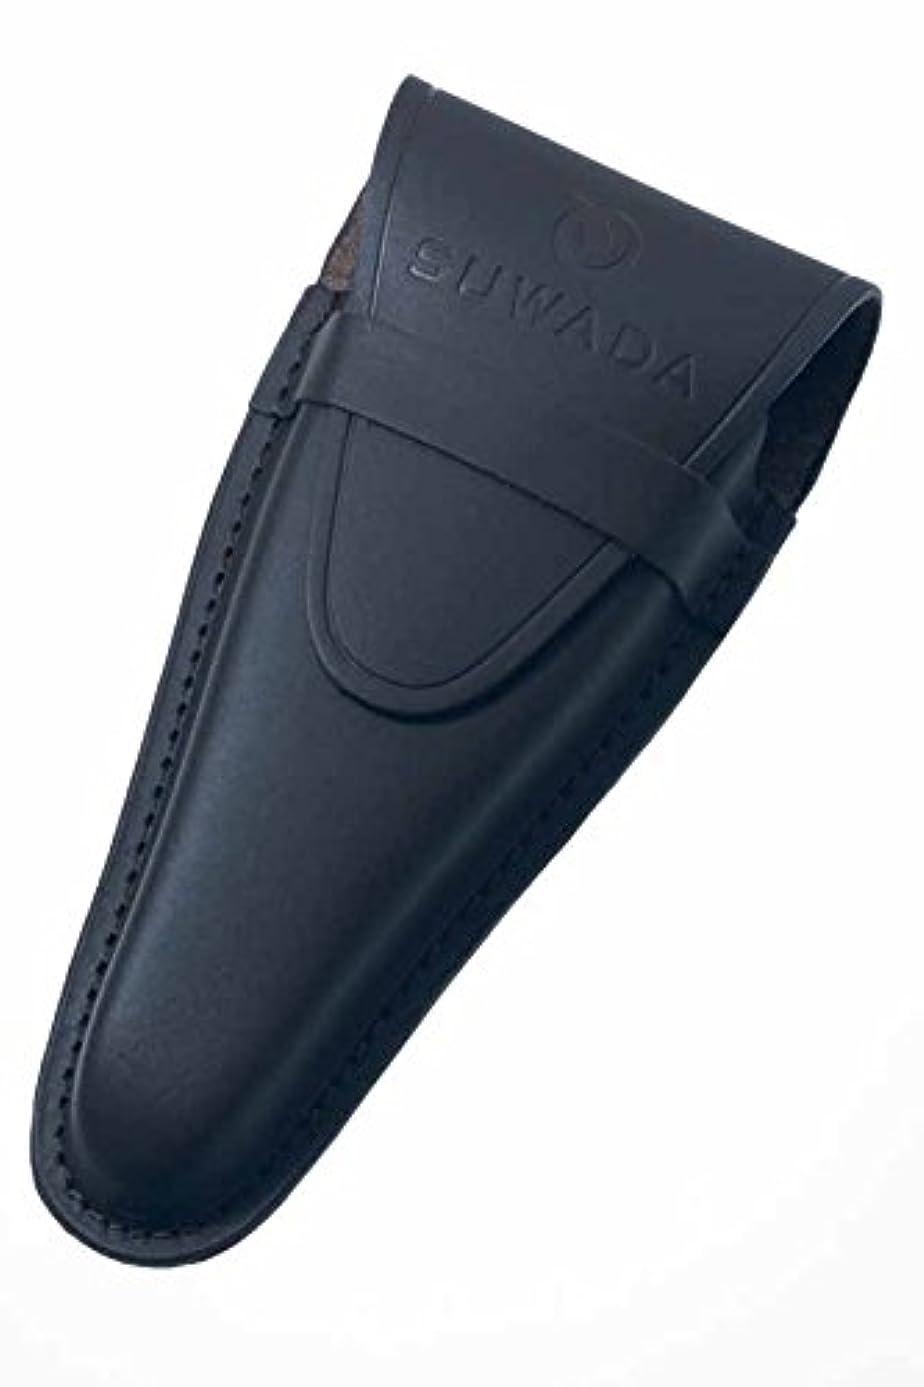 偶然の書誌トライアスロンSUWADA クラシック 皮ケース Lサイズ 黒